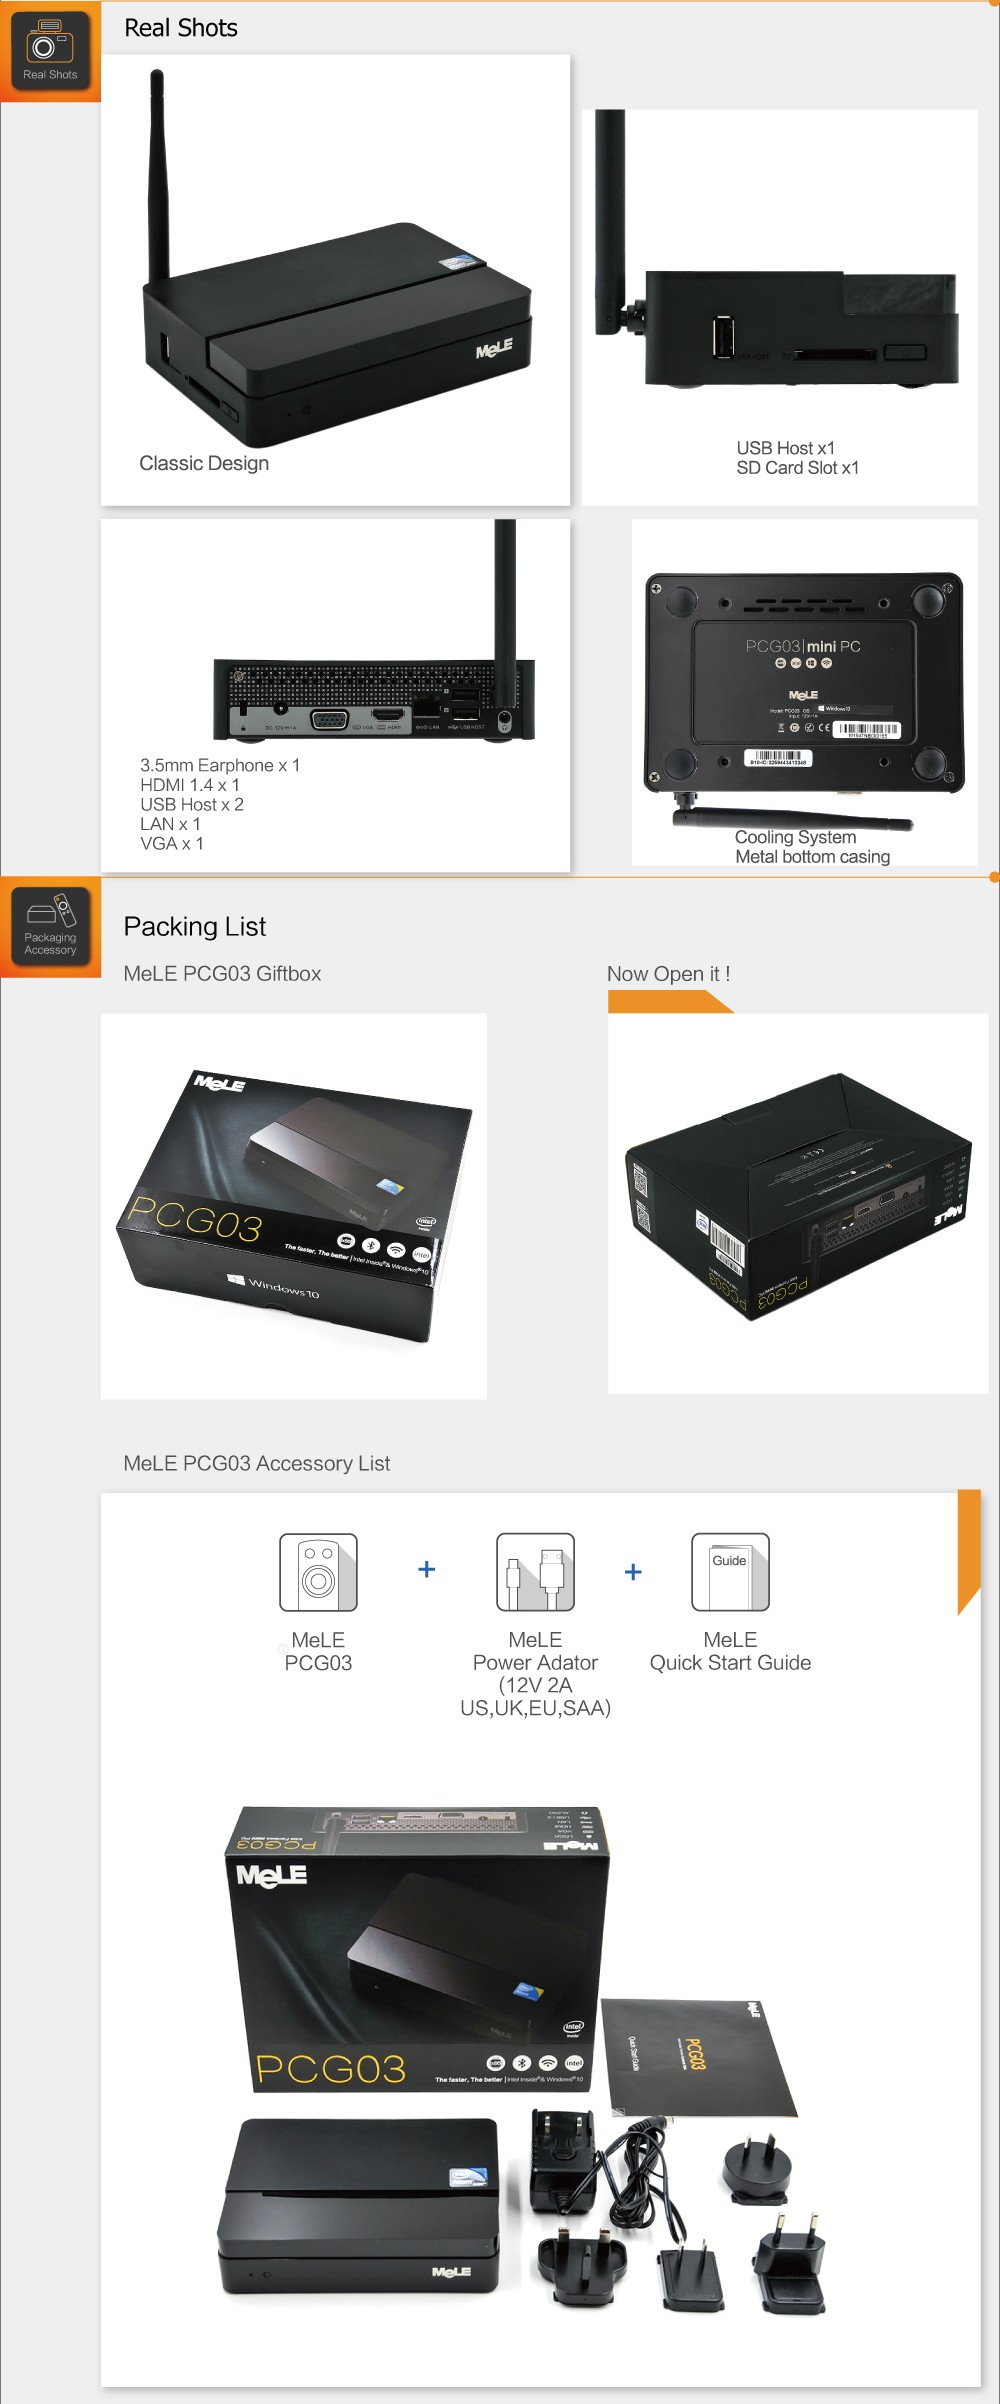 32GB מלה PCG03 Quad Core Mini PC Intel Atom Z3735F 2GB RAM 1080P HDMI 1.4 VGA החוצה LAN WiFi Bluetooth Windows 8.1 מערכת הפעלה עם בינג